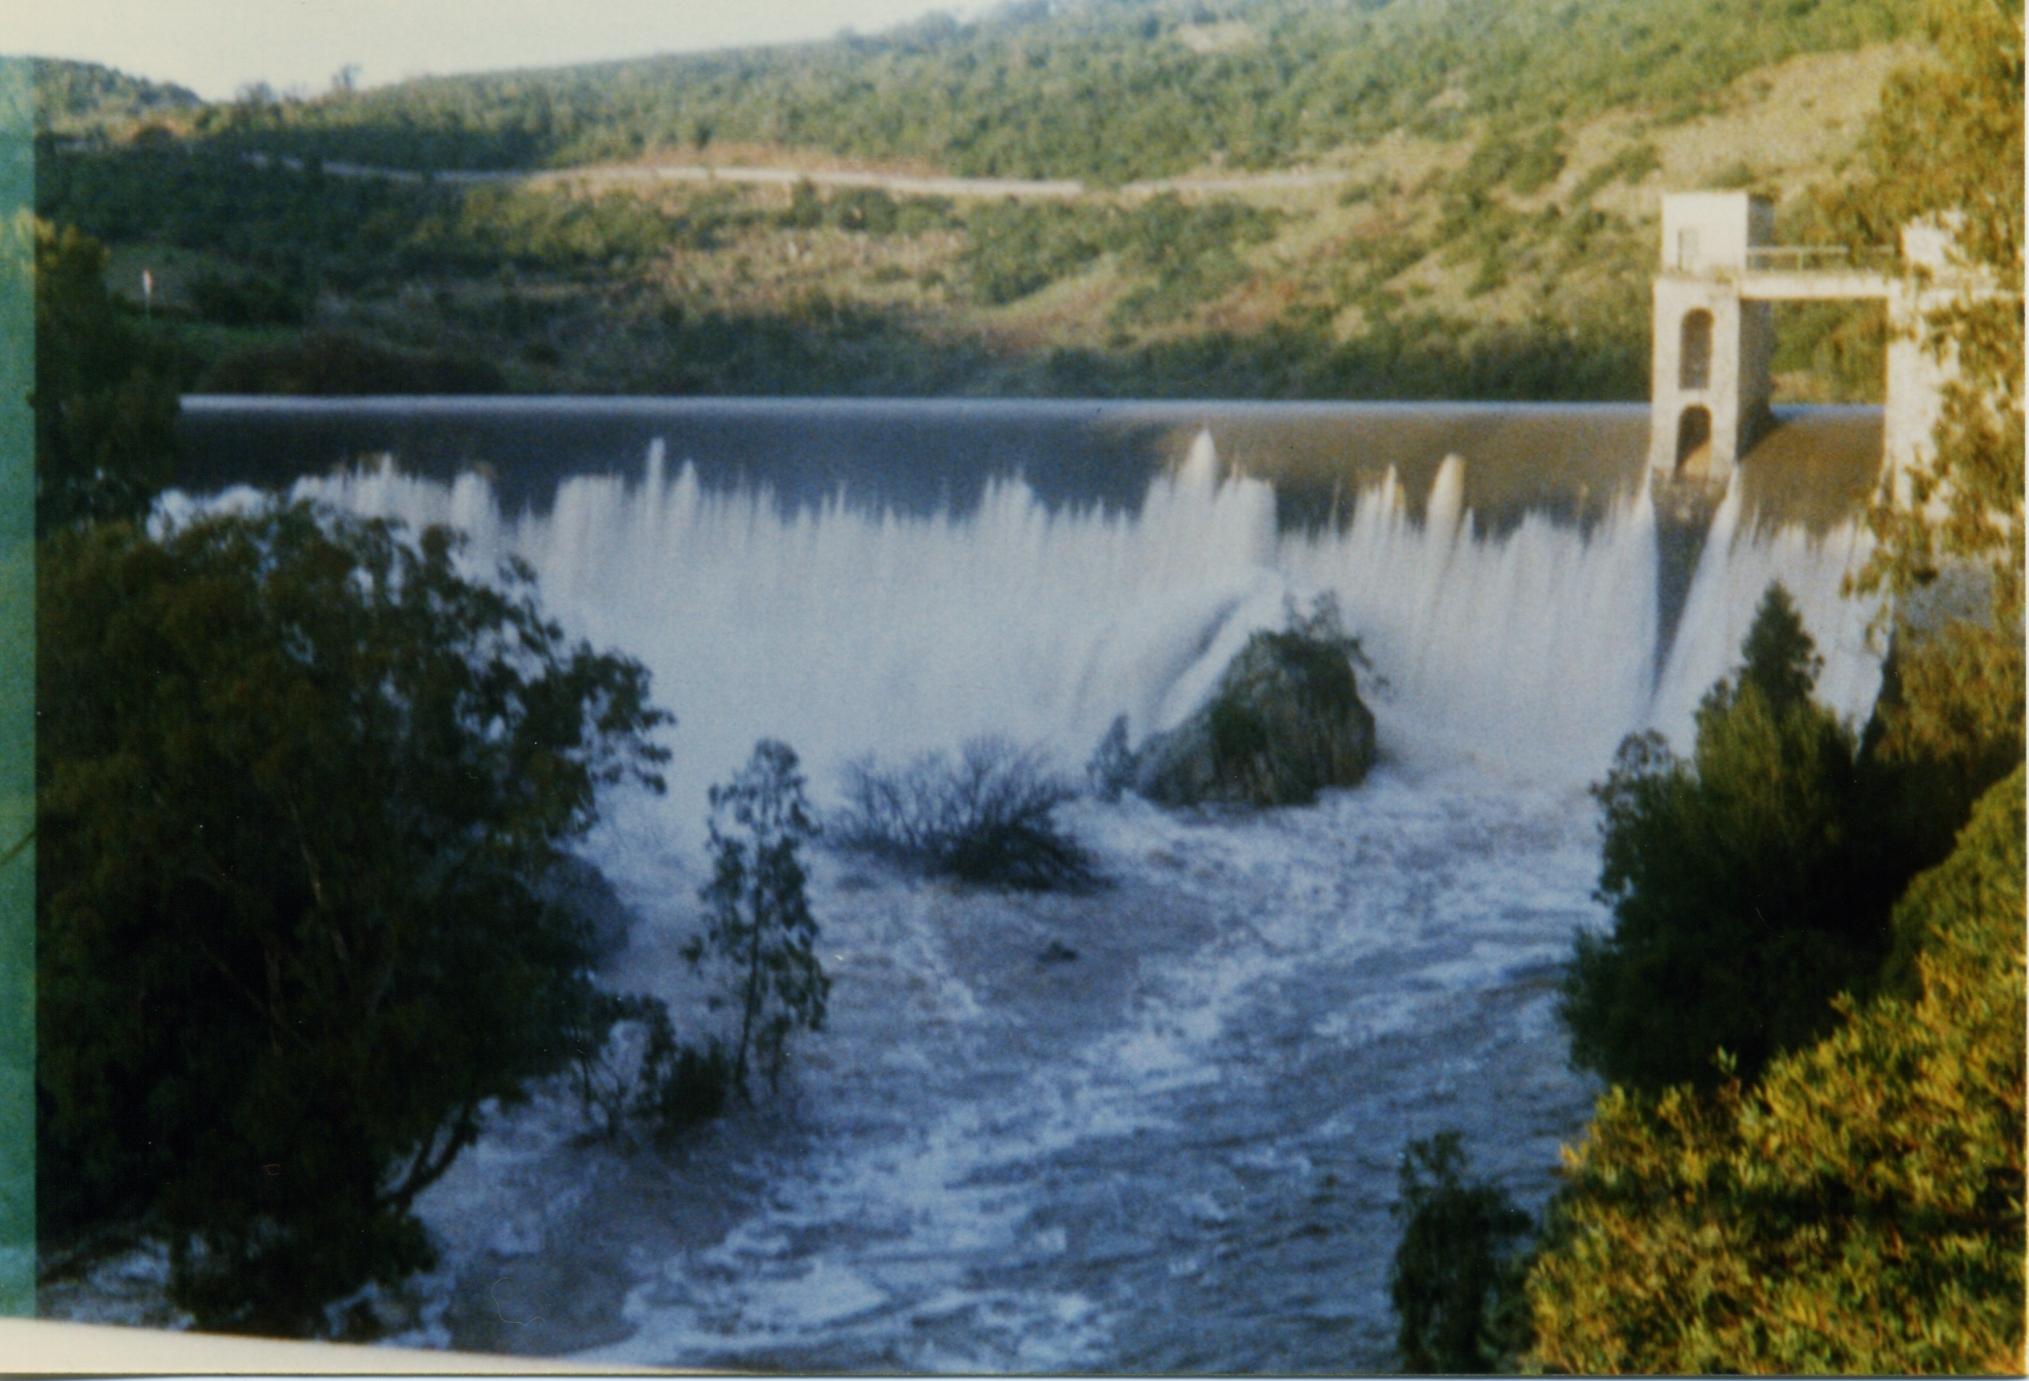 Gennaio 1997 -  Tracimazione dallo sbarramento